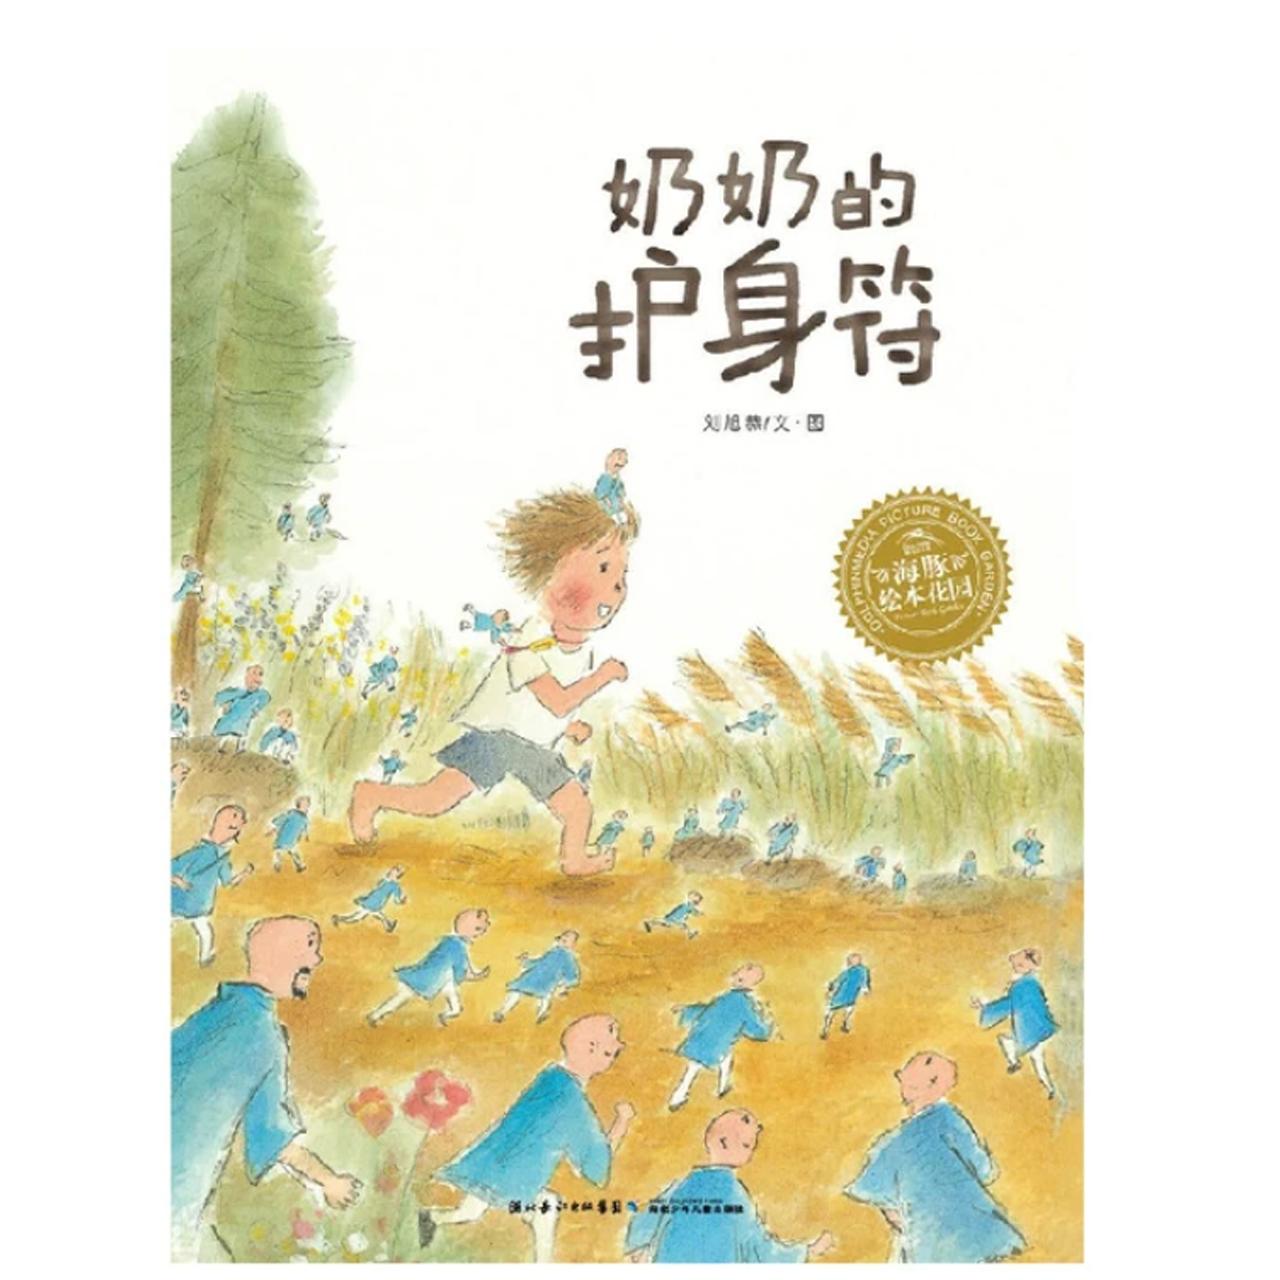 奶奶的护身符【儿童绘本/有趣故事/图文绘本】